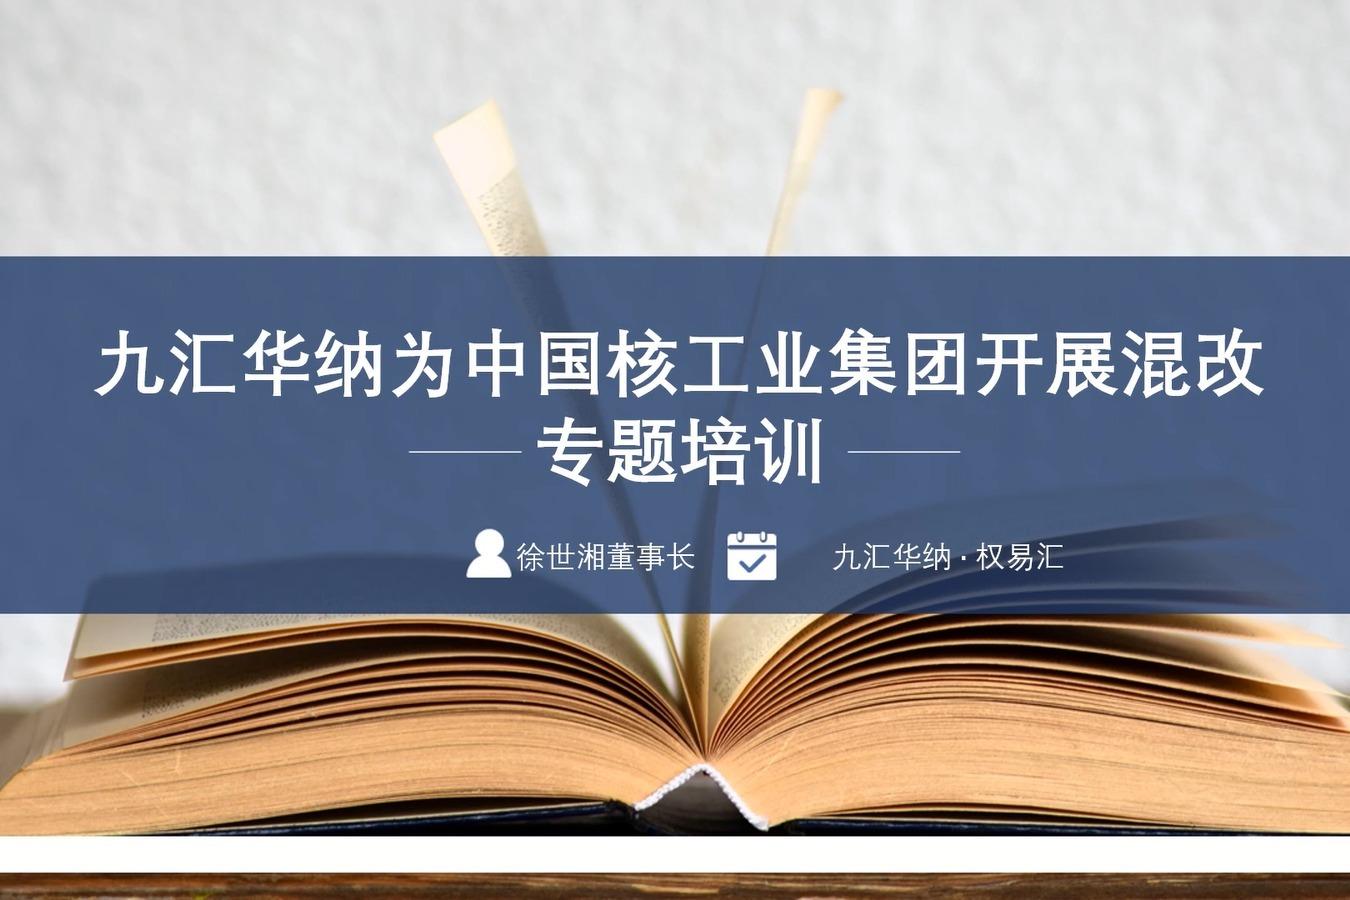 九汇华纳为中国核工业集团开展混改专题培训